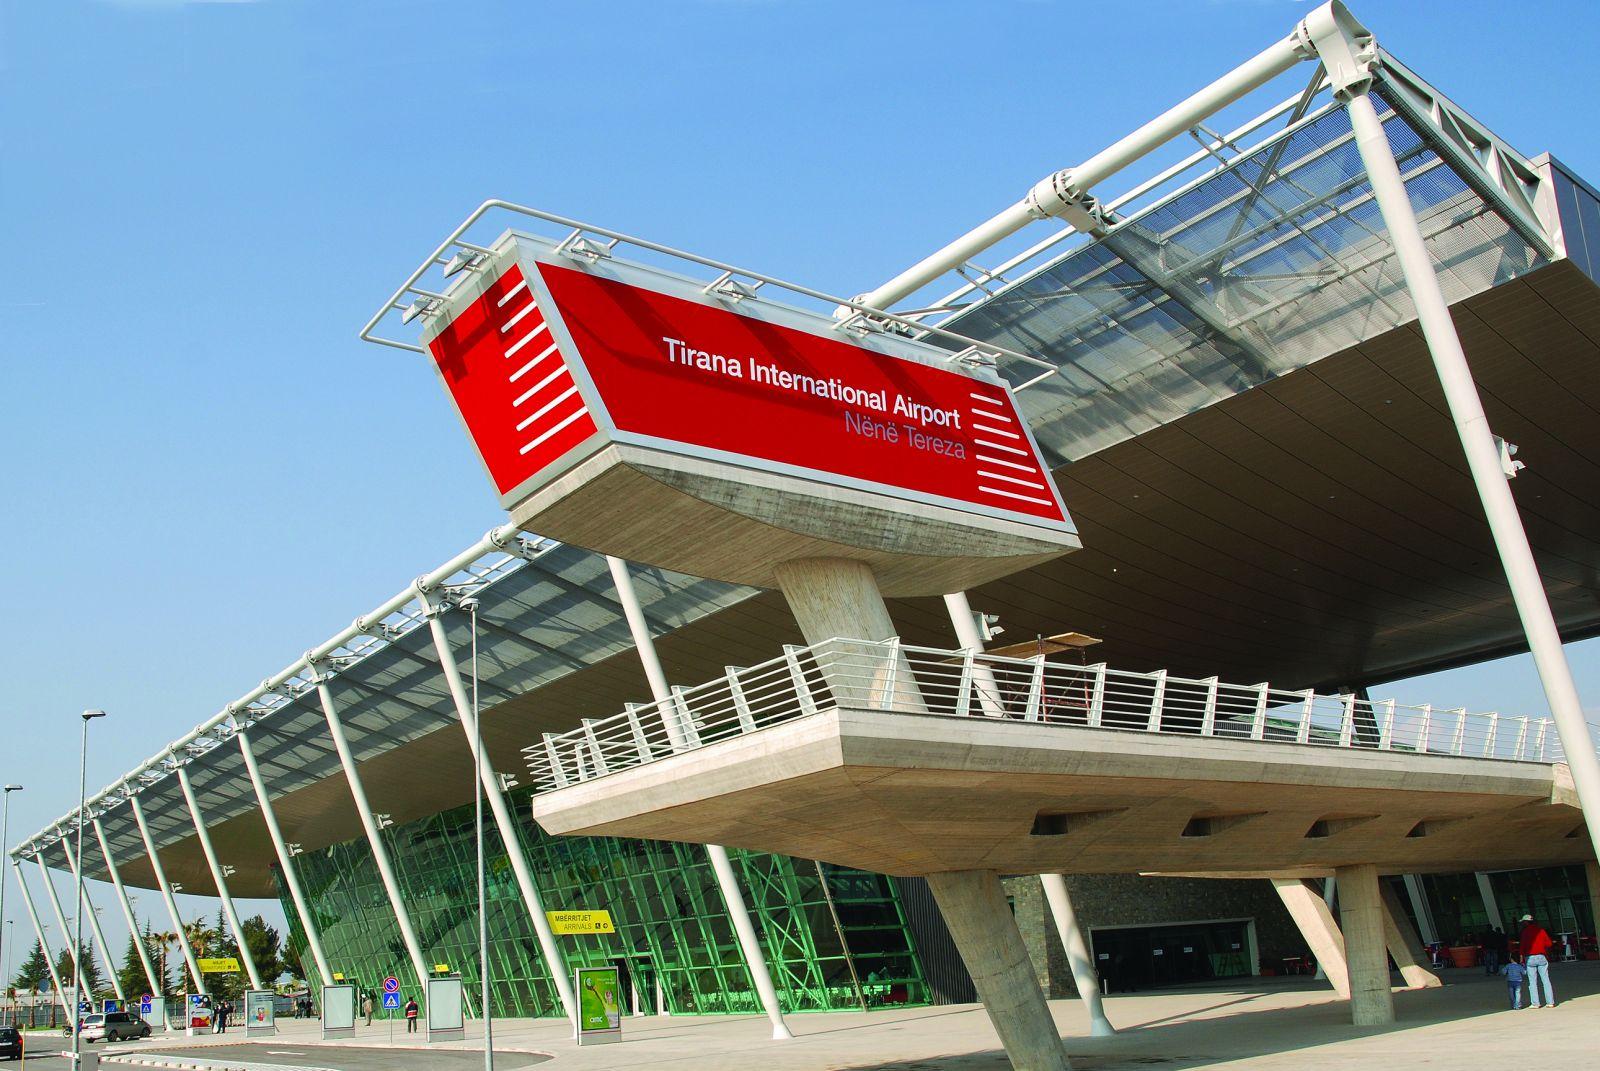 Фасад нового терминала международного аэропорта Тираны